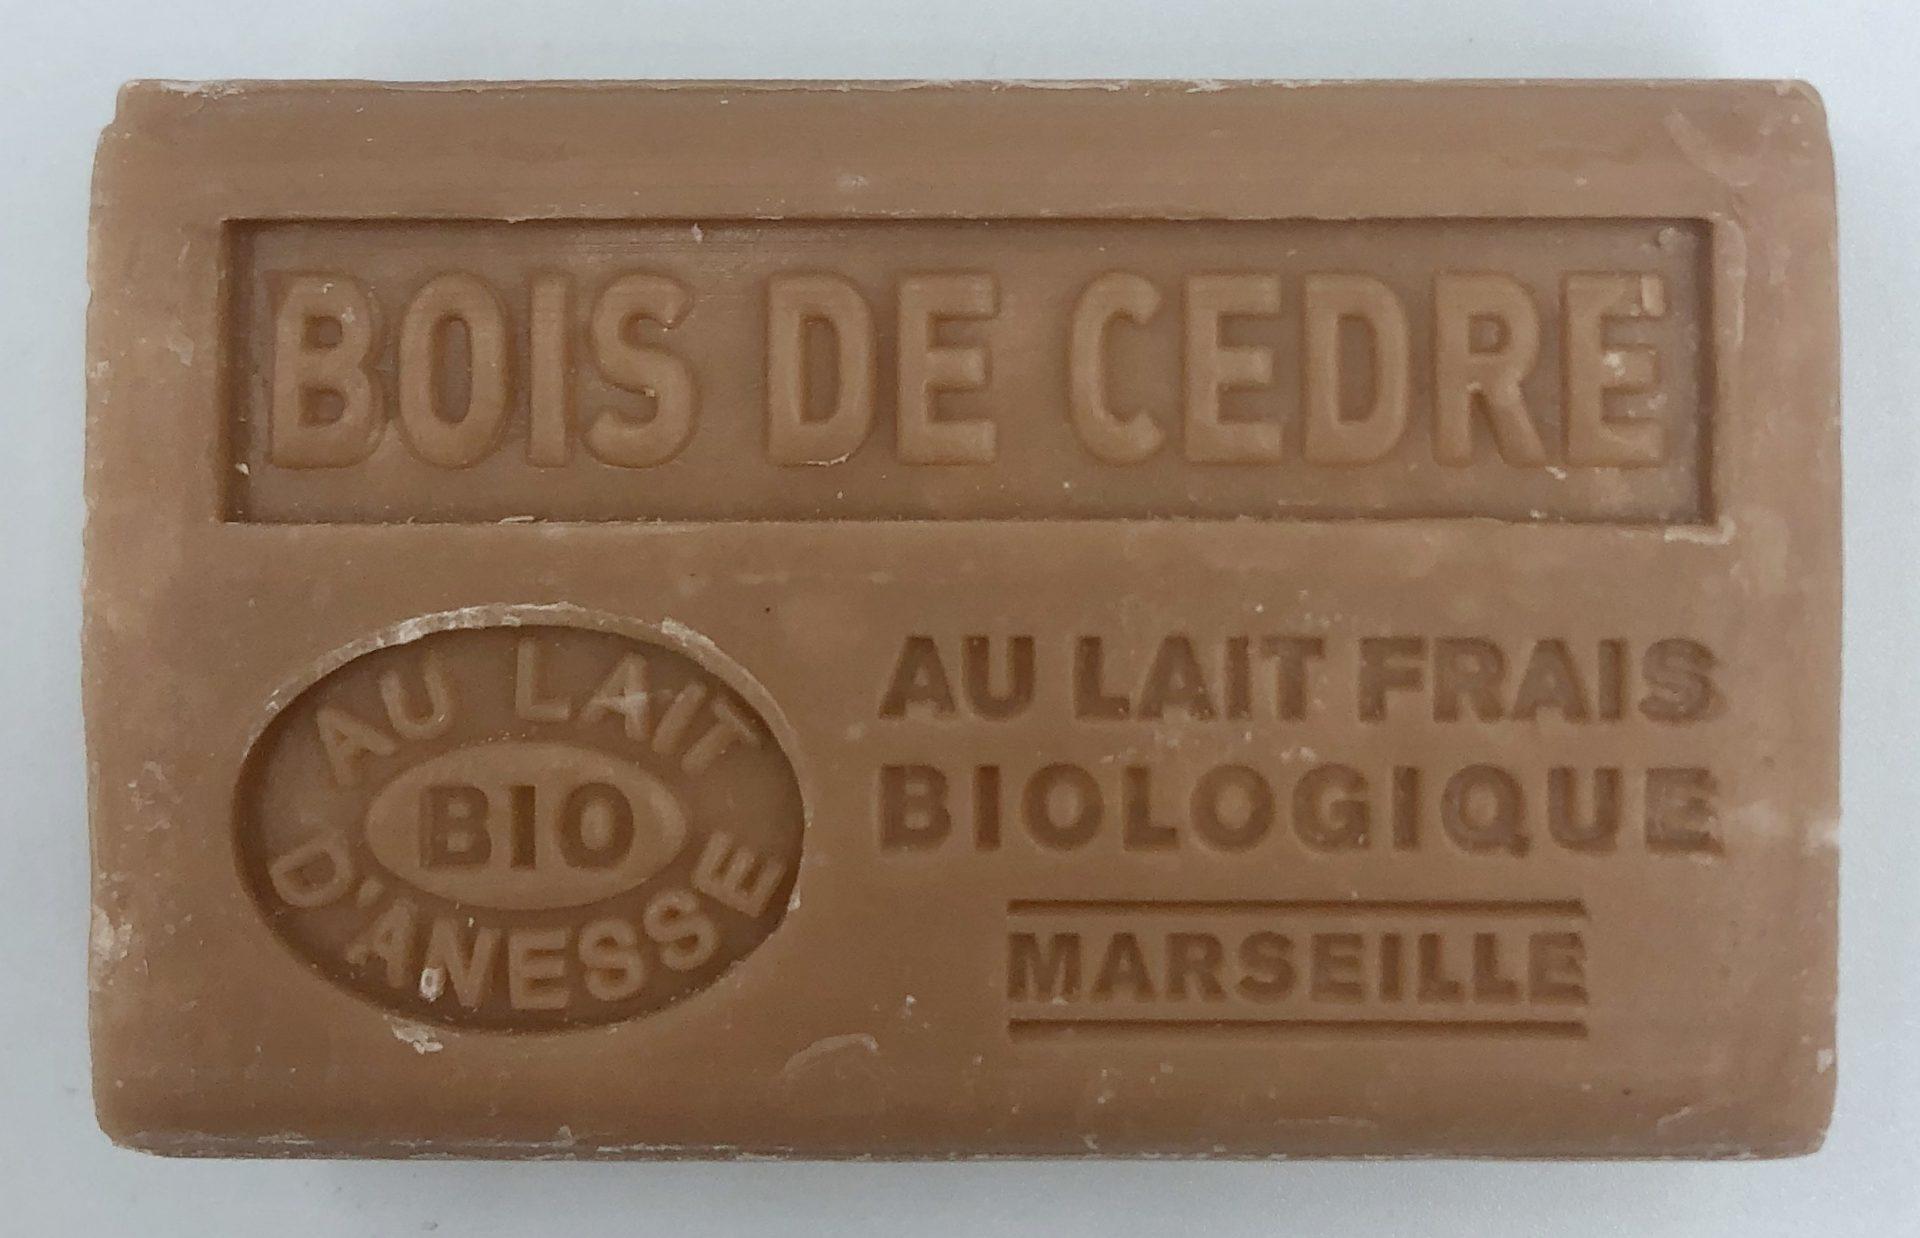 Savon de Marseille au lait d'ânesse BIO Bois de cèdre